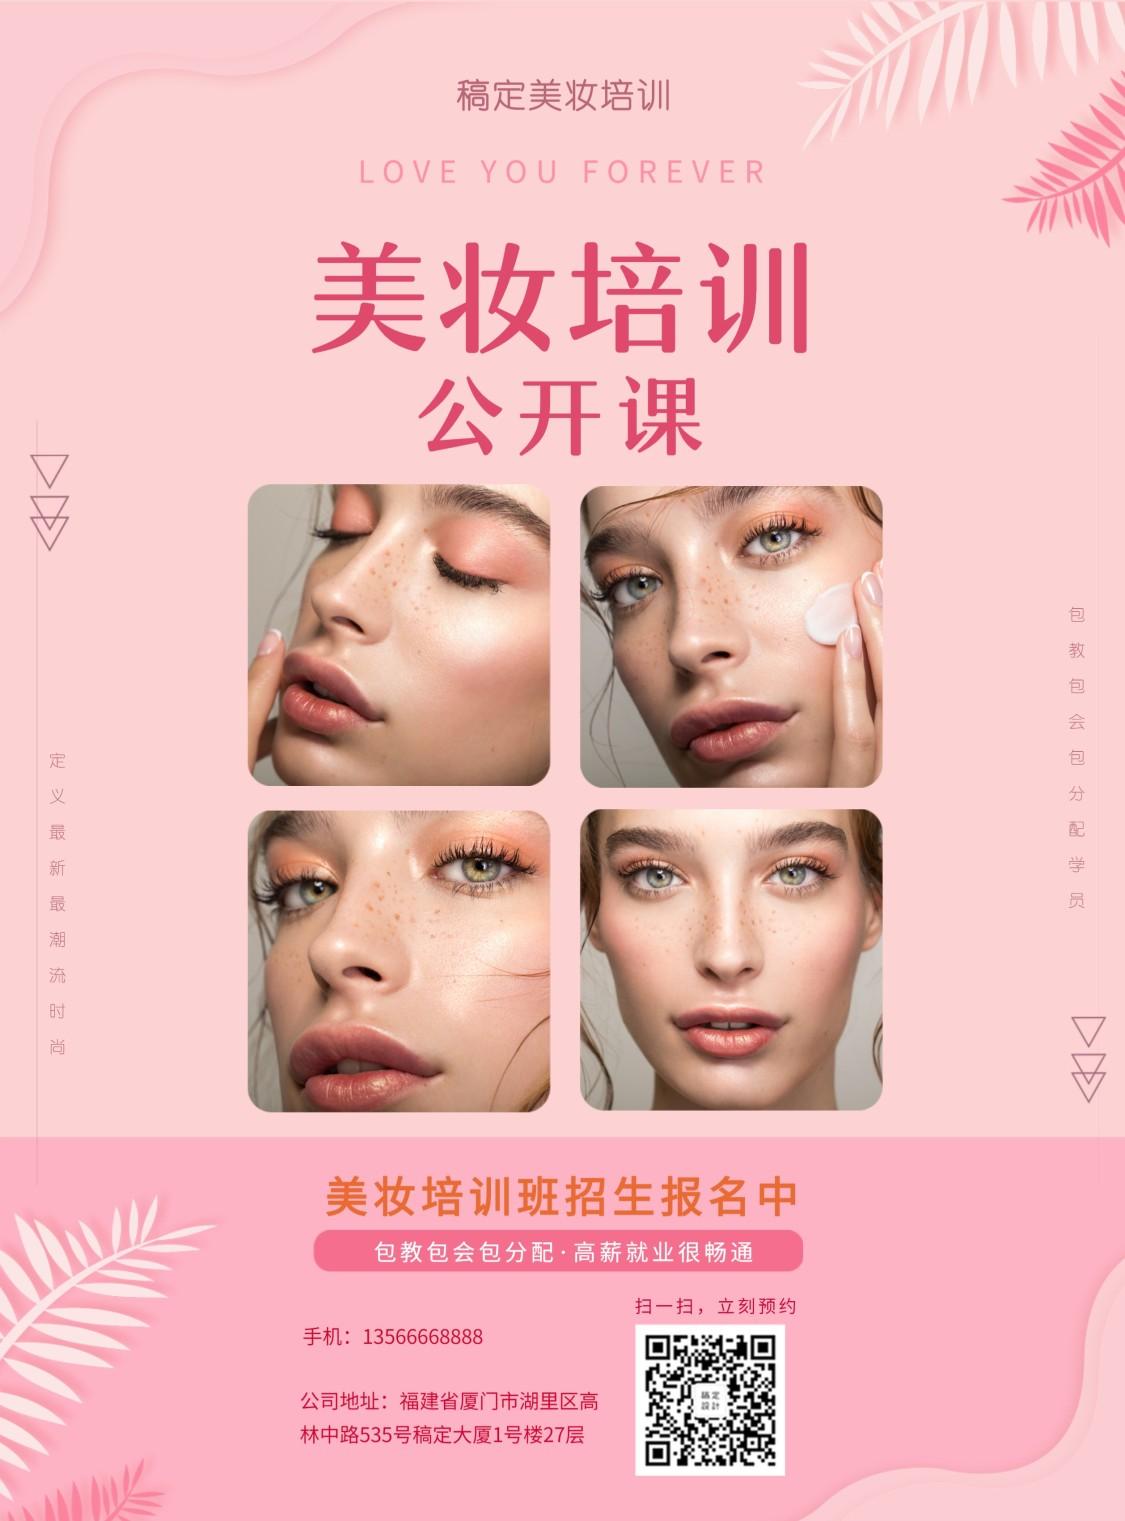 课程招生/美妆培训/张贴海报